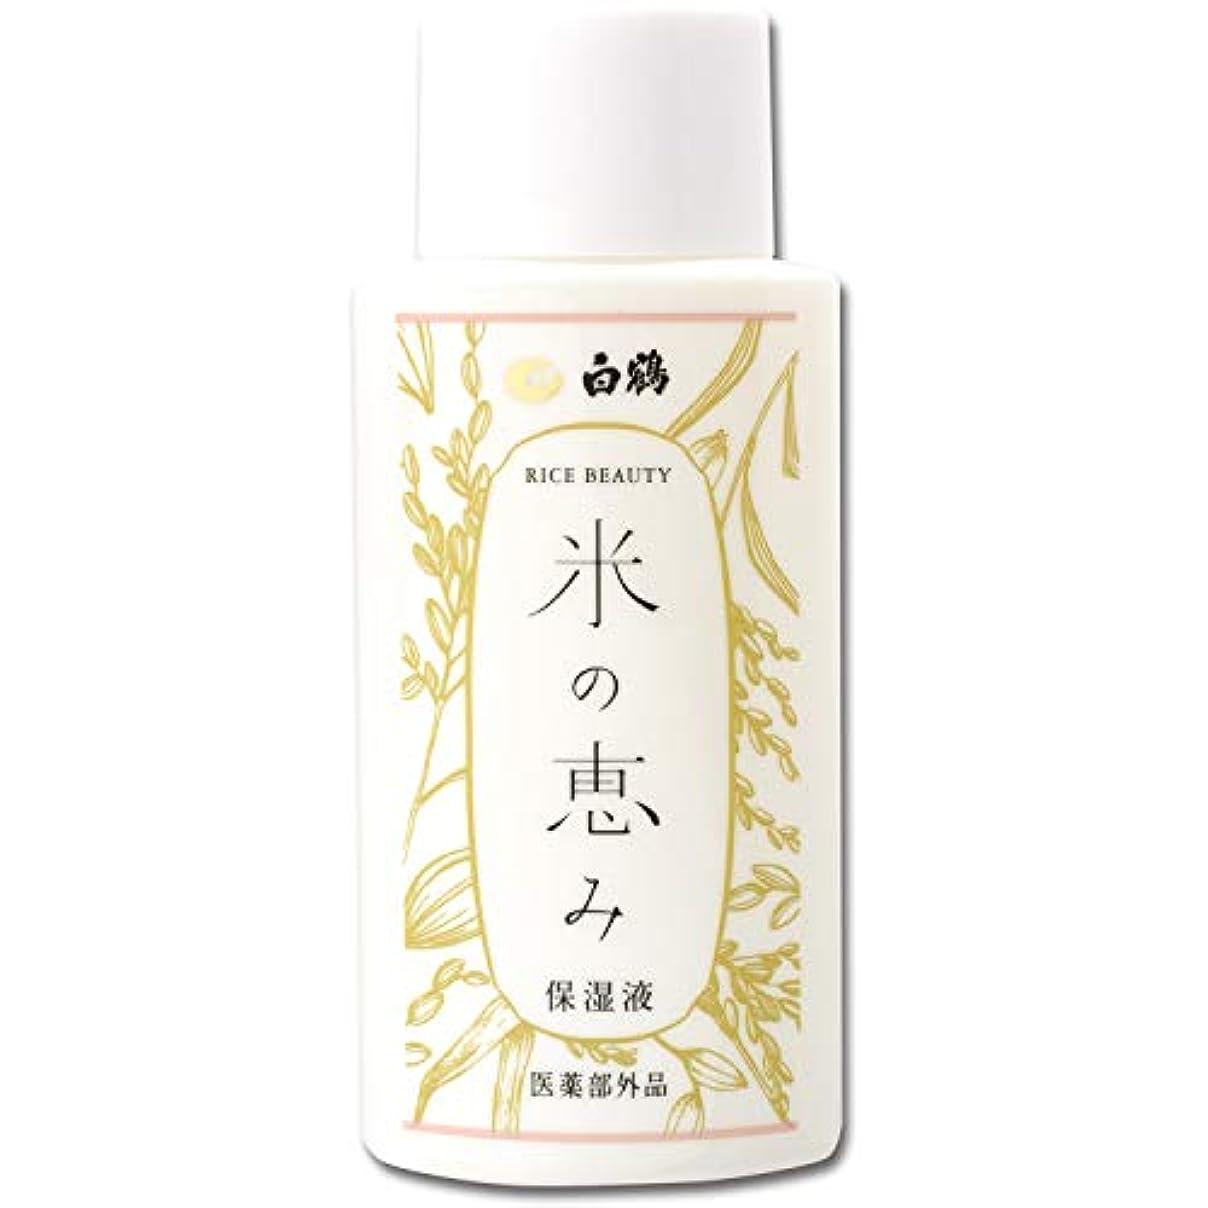 荒涼としたノベルティ回復する白鶴 ライスビューティー 米の恵み 保湿液 150ml(高保湿とろみ化粧水/医薬部外品)